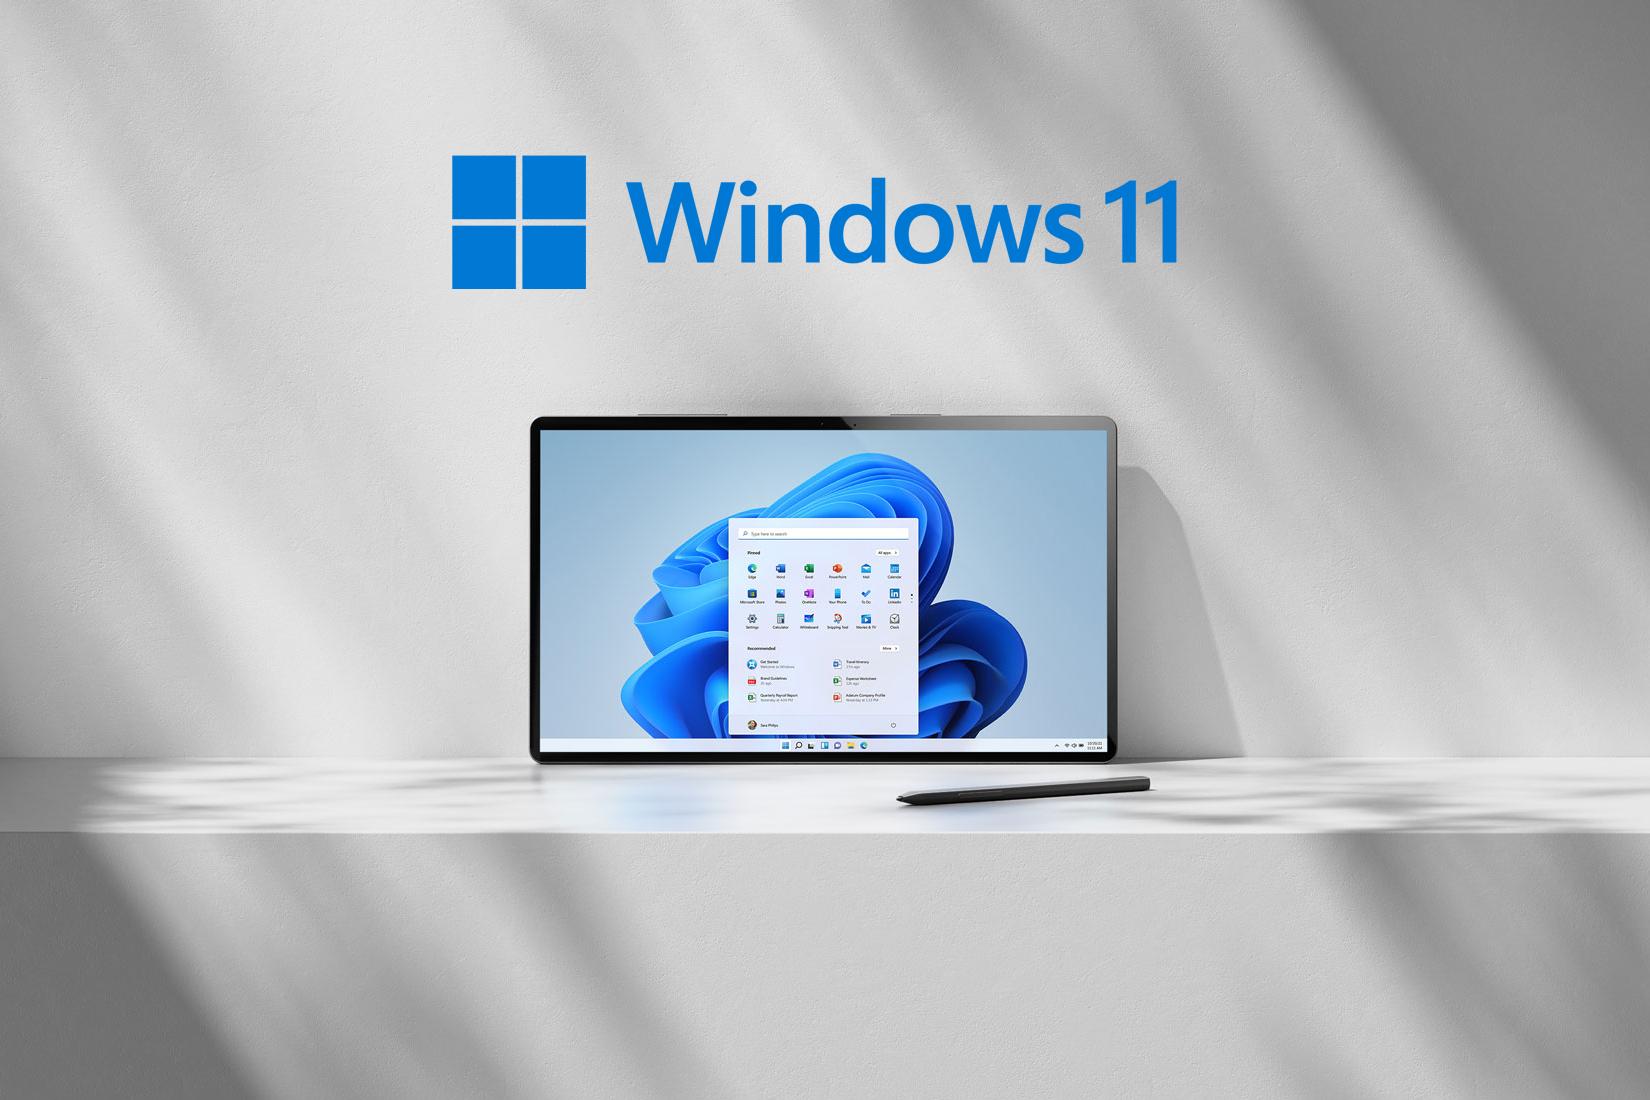 Windows 11 poderá ser instalado em computadores antigos, confirma Microsoft. (Fonte: Microsoft, The Verge / Reprodução)